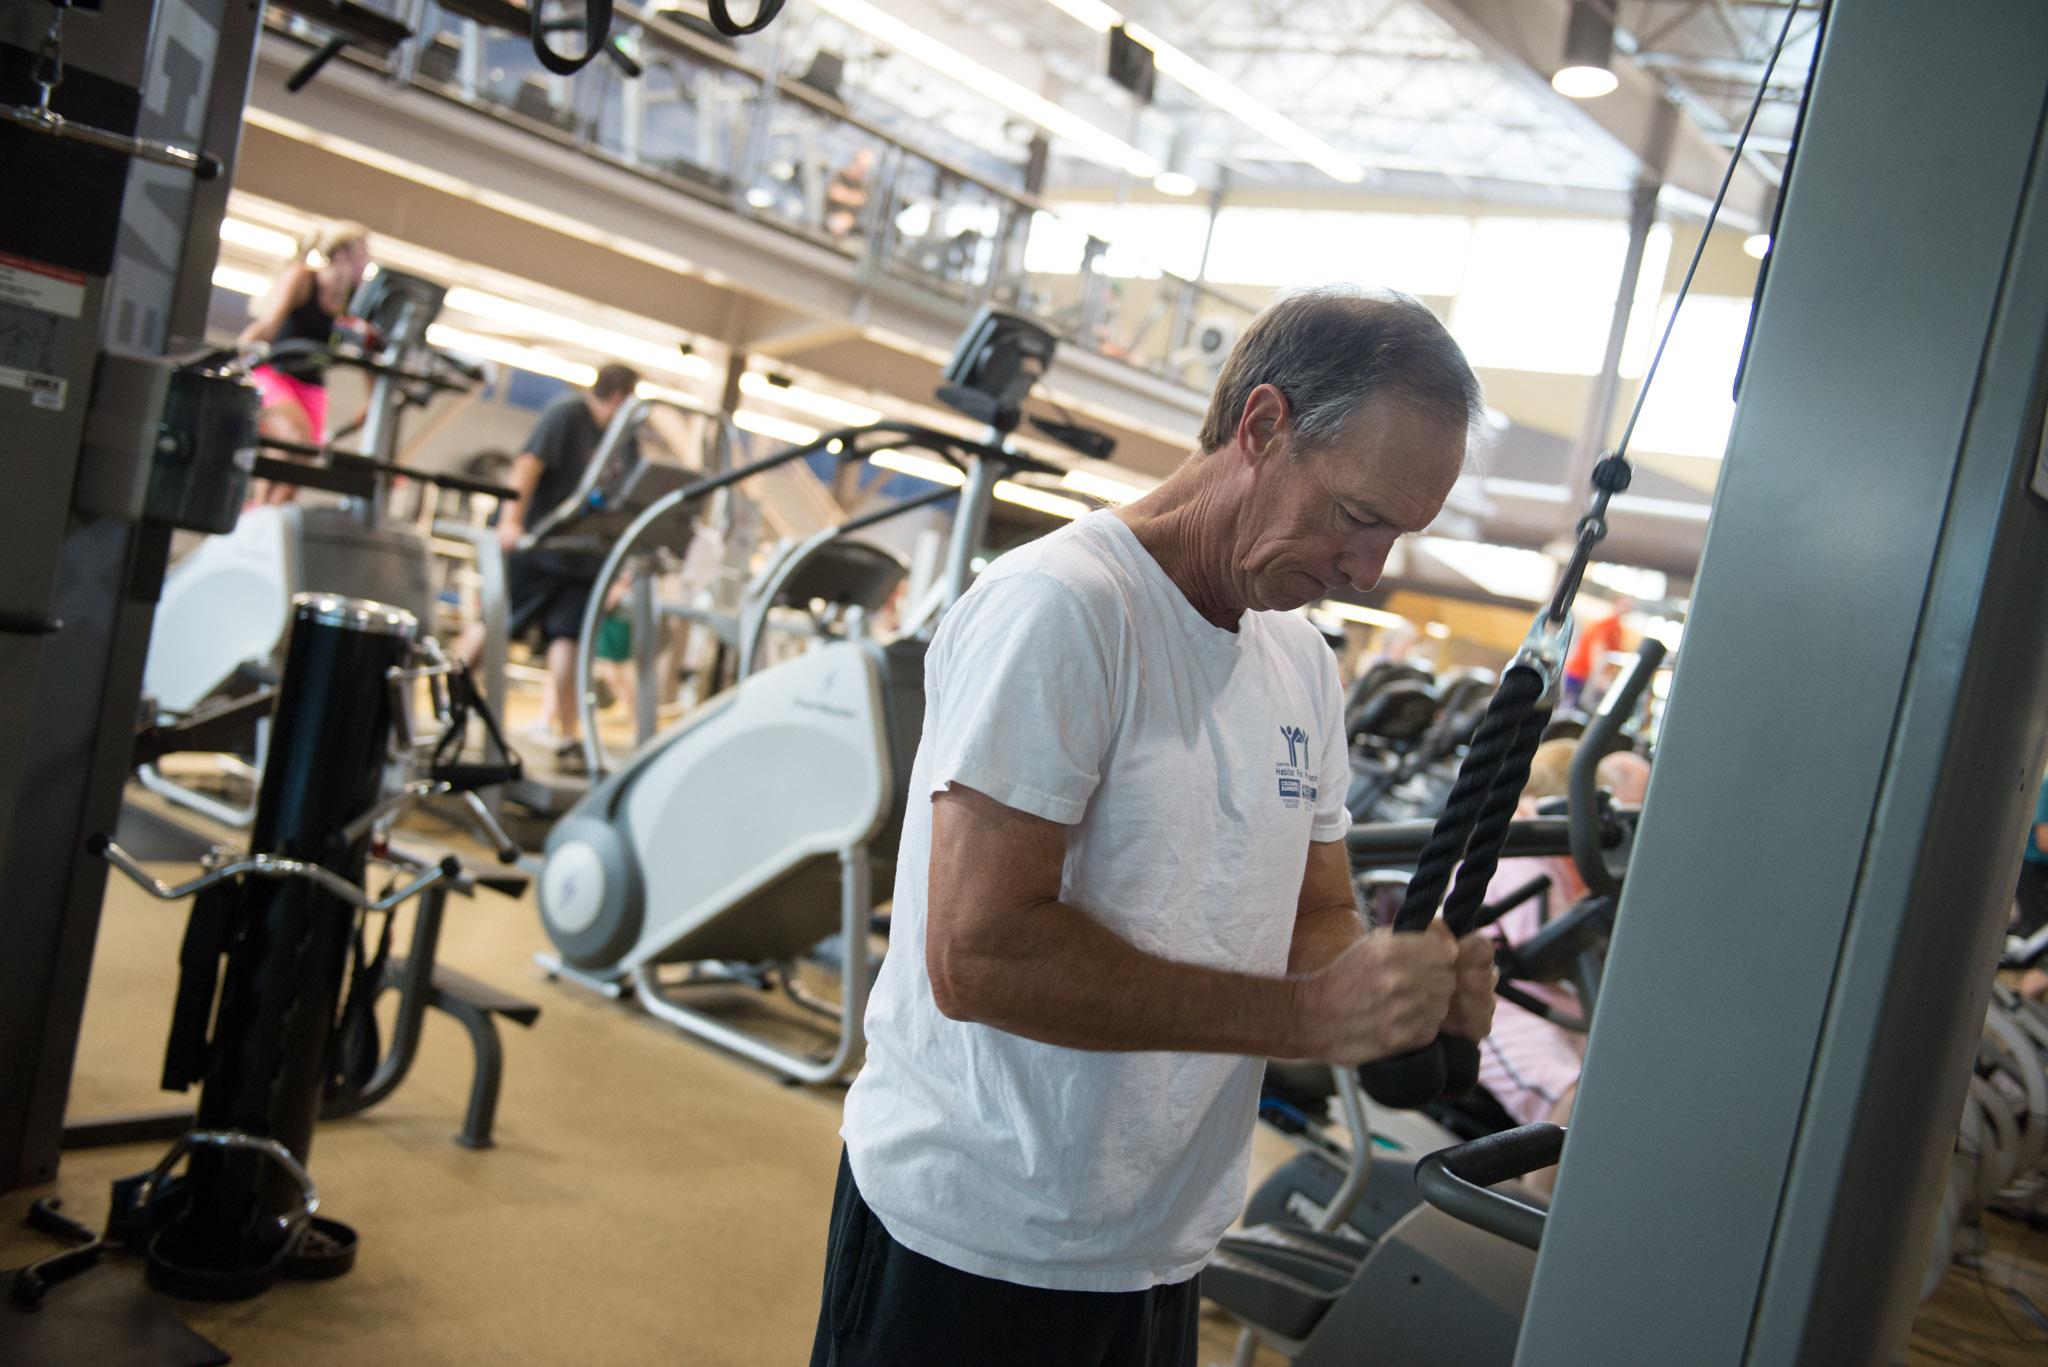 Wellness Center Stock Photos-1387.jpg